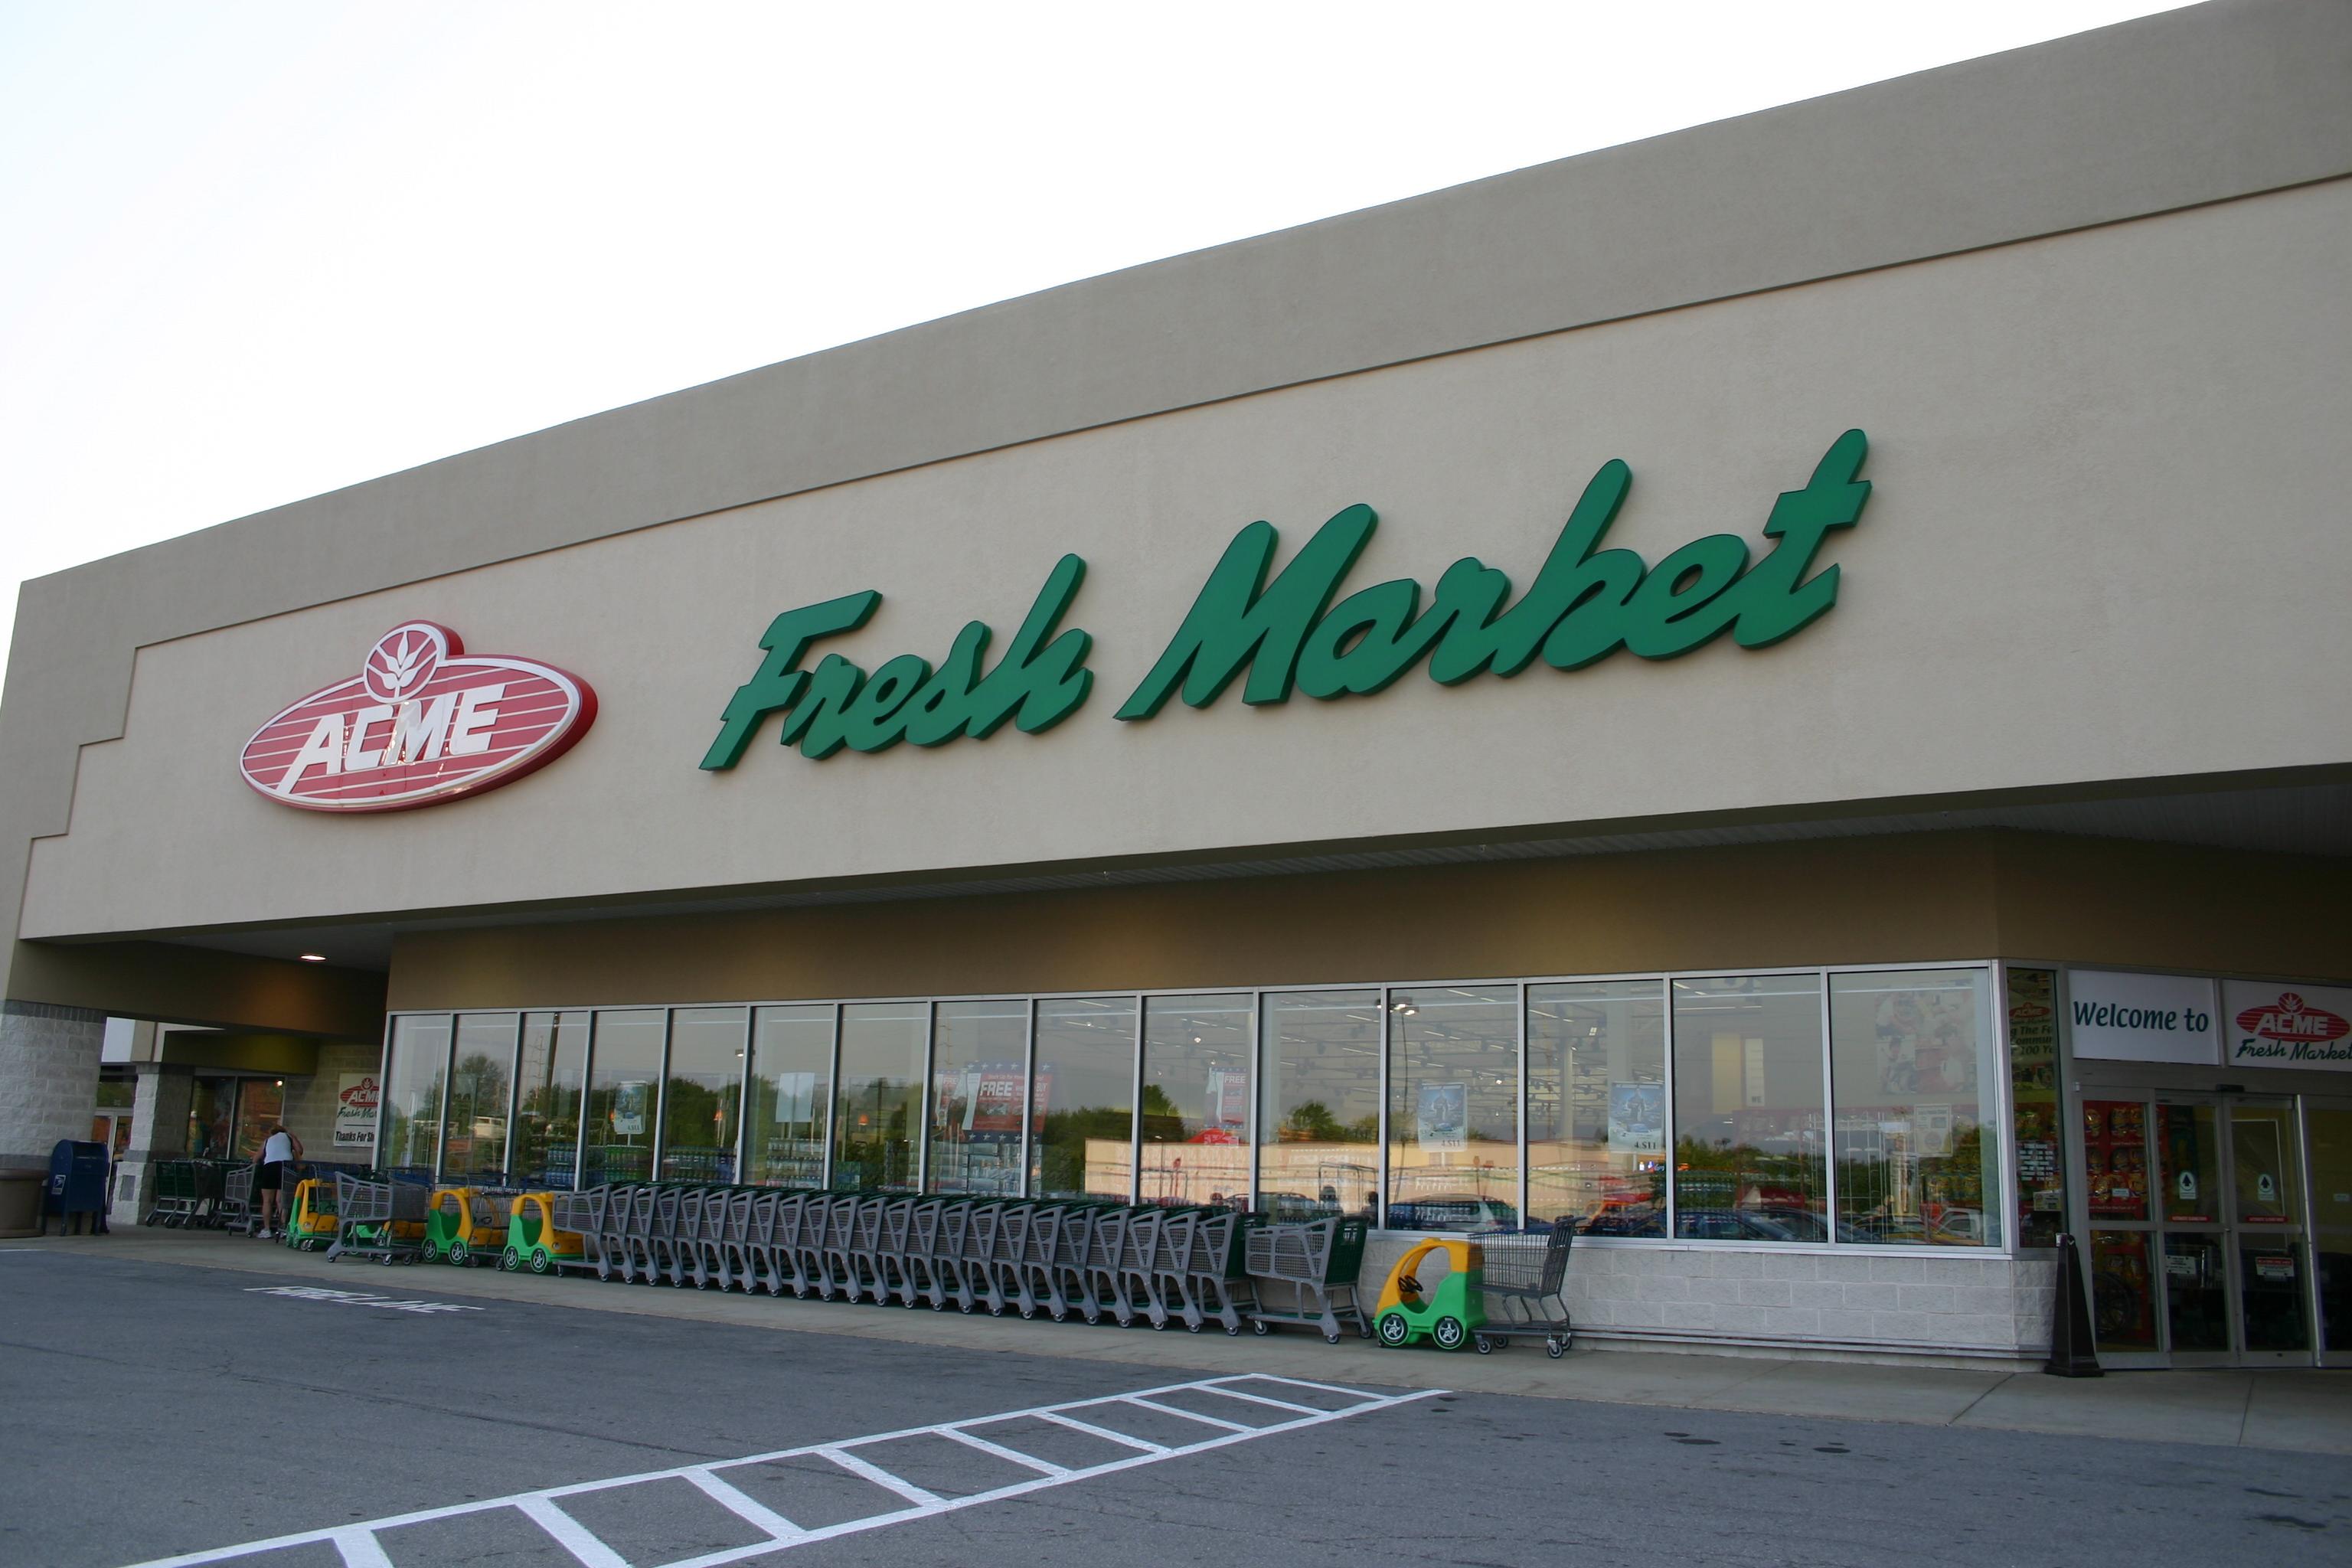 Acme Food Market Seven Hills